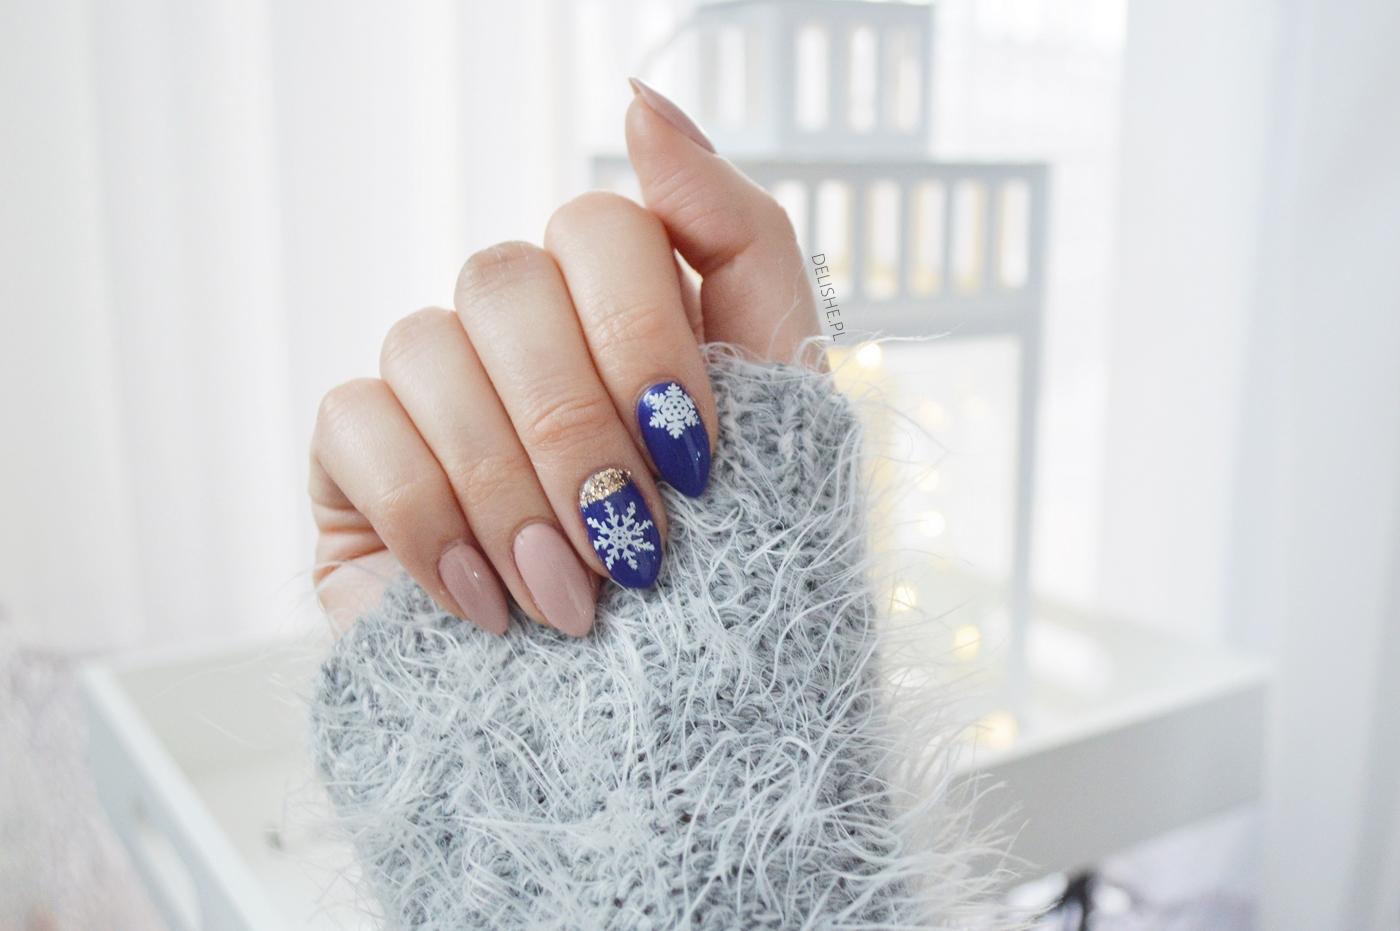 płatki śniegu na paznokciach, zimowy manicure